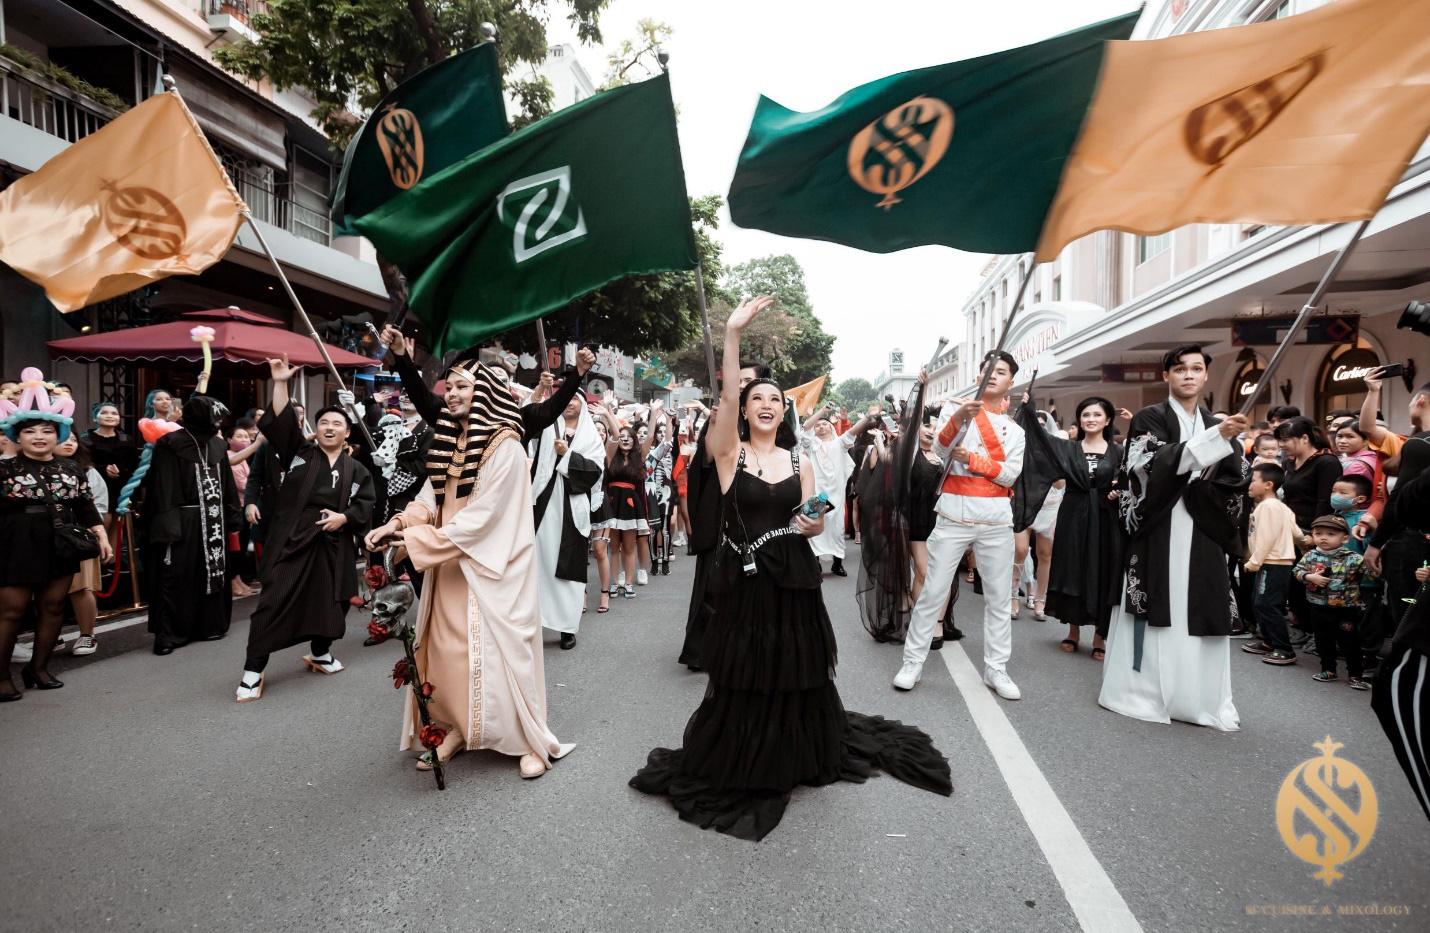 Halloween Festival siêu hoành tráng tại phố đi bộ hồ Hoàn Kiếm - Ảnh 1.